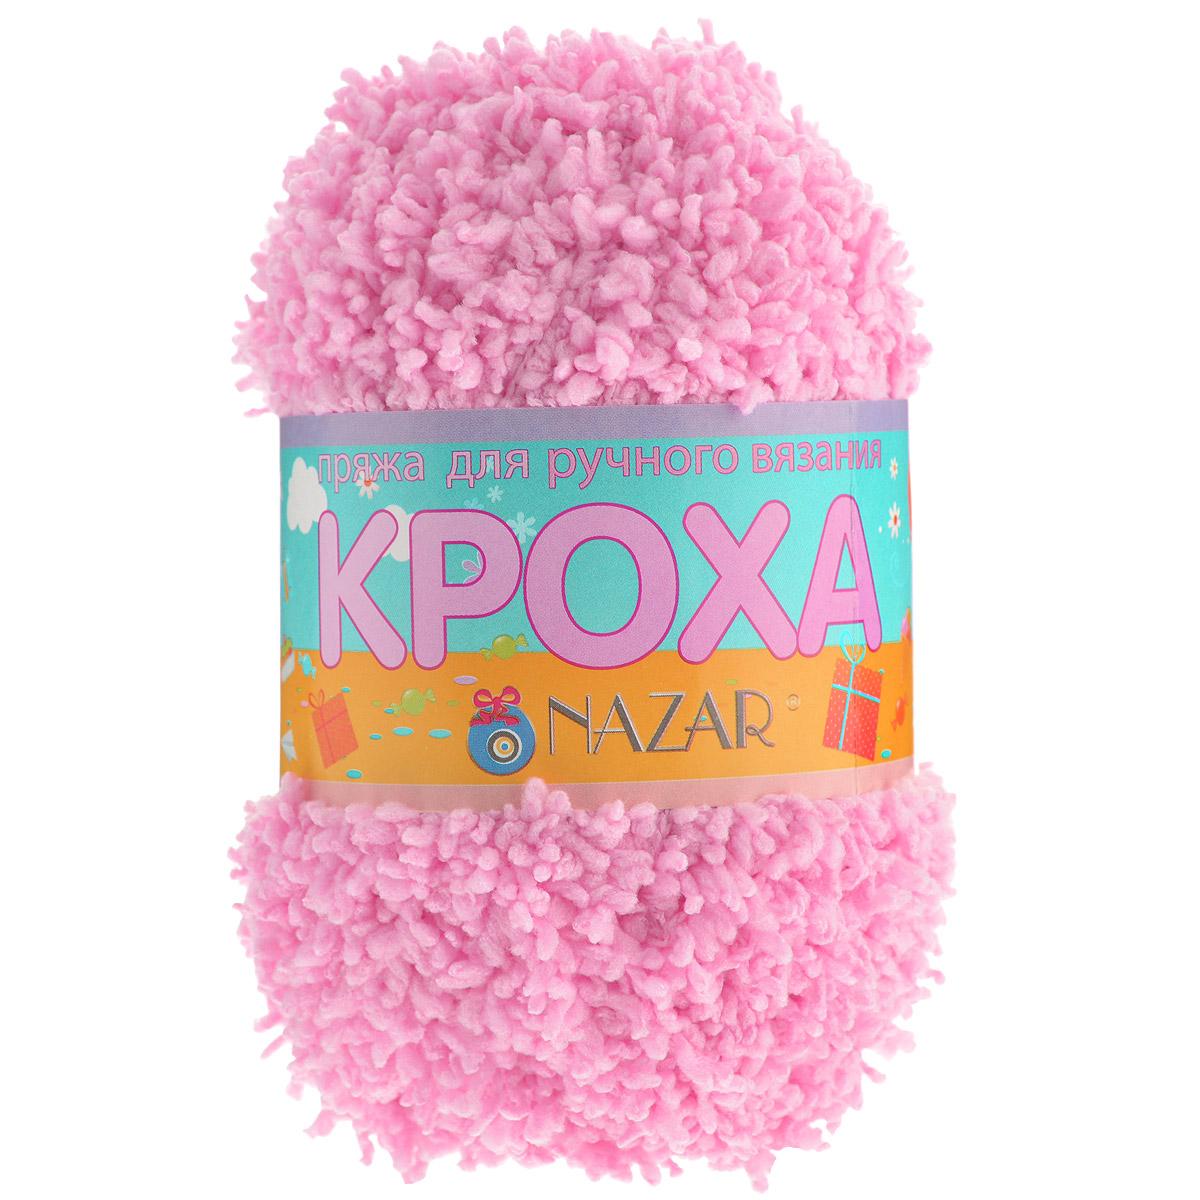 Пряжа для вязания детская Nazar Кроха, цвет: розовый (6005), 75 м, 50 г, 10 шт349017_6005Nazar Кроха - это фантастически мягкая пряжа, изготовленная из 100% микрополиэстера. Такая пряжа идеально подойдет для изготовления игрушек или детской одежды. Изделия практичны в носке и уходе. Рекомендуется вязать спицами платочной или чулочной вязкой (кулинарная гладь). Комплектация: 10 мотков. Состав: 100% микрополиэстер.